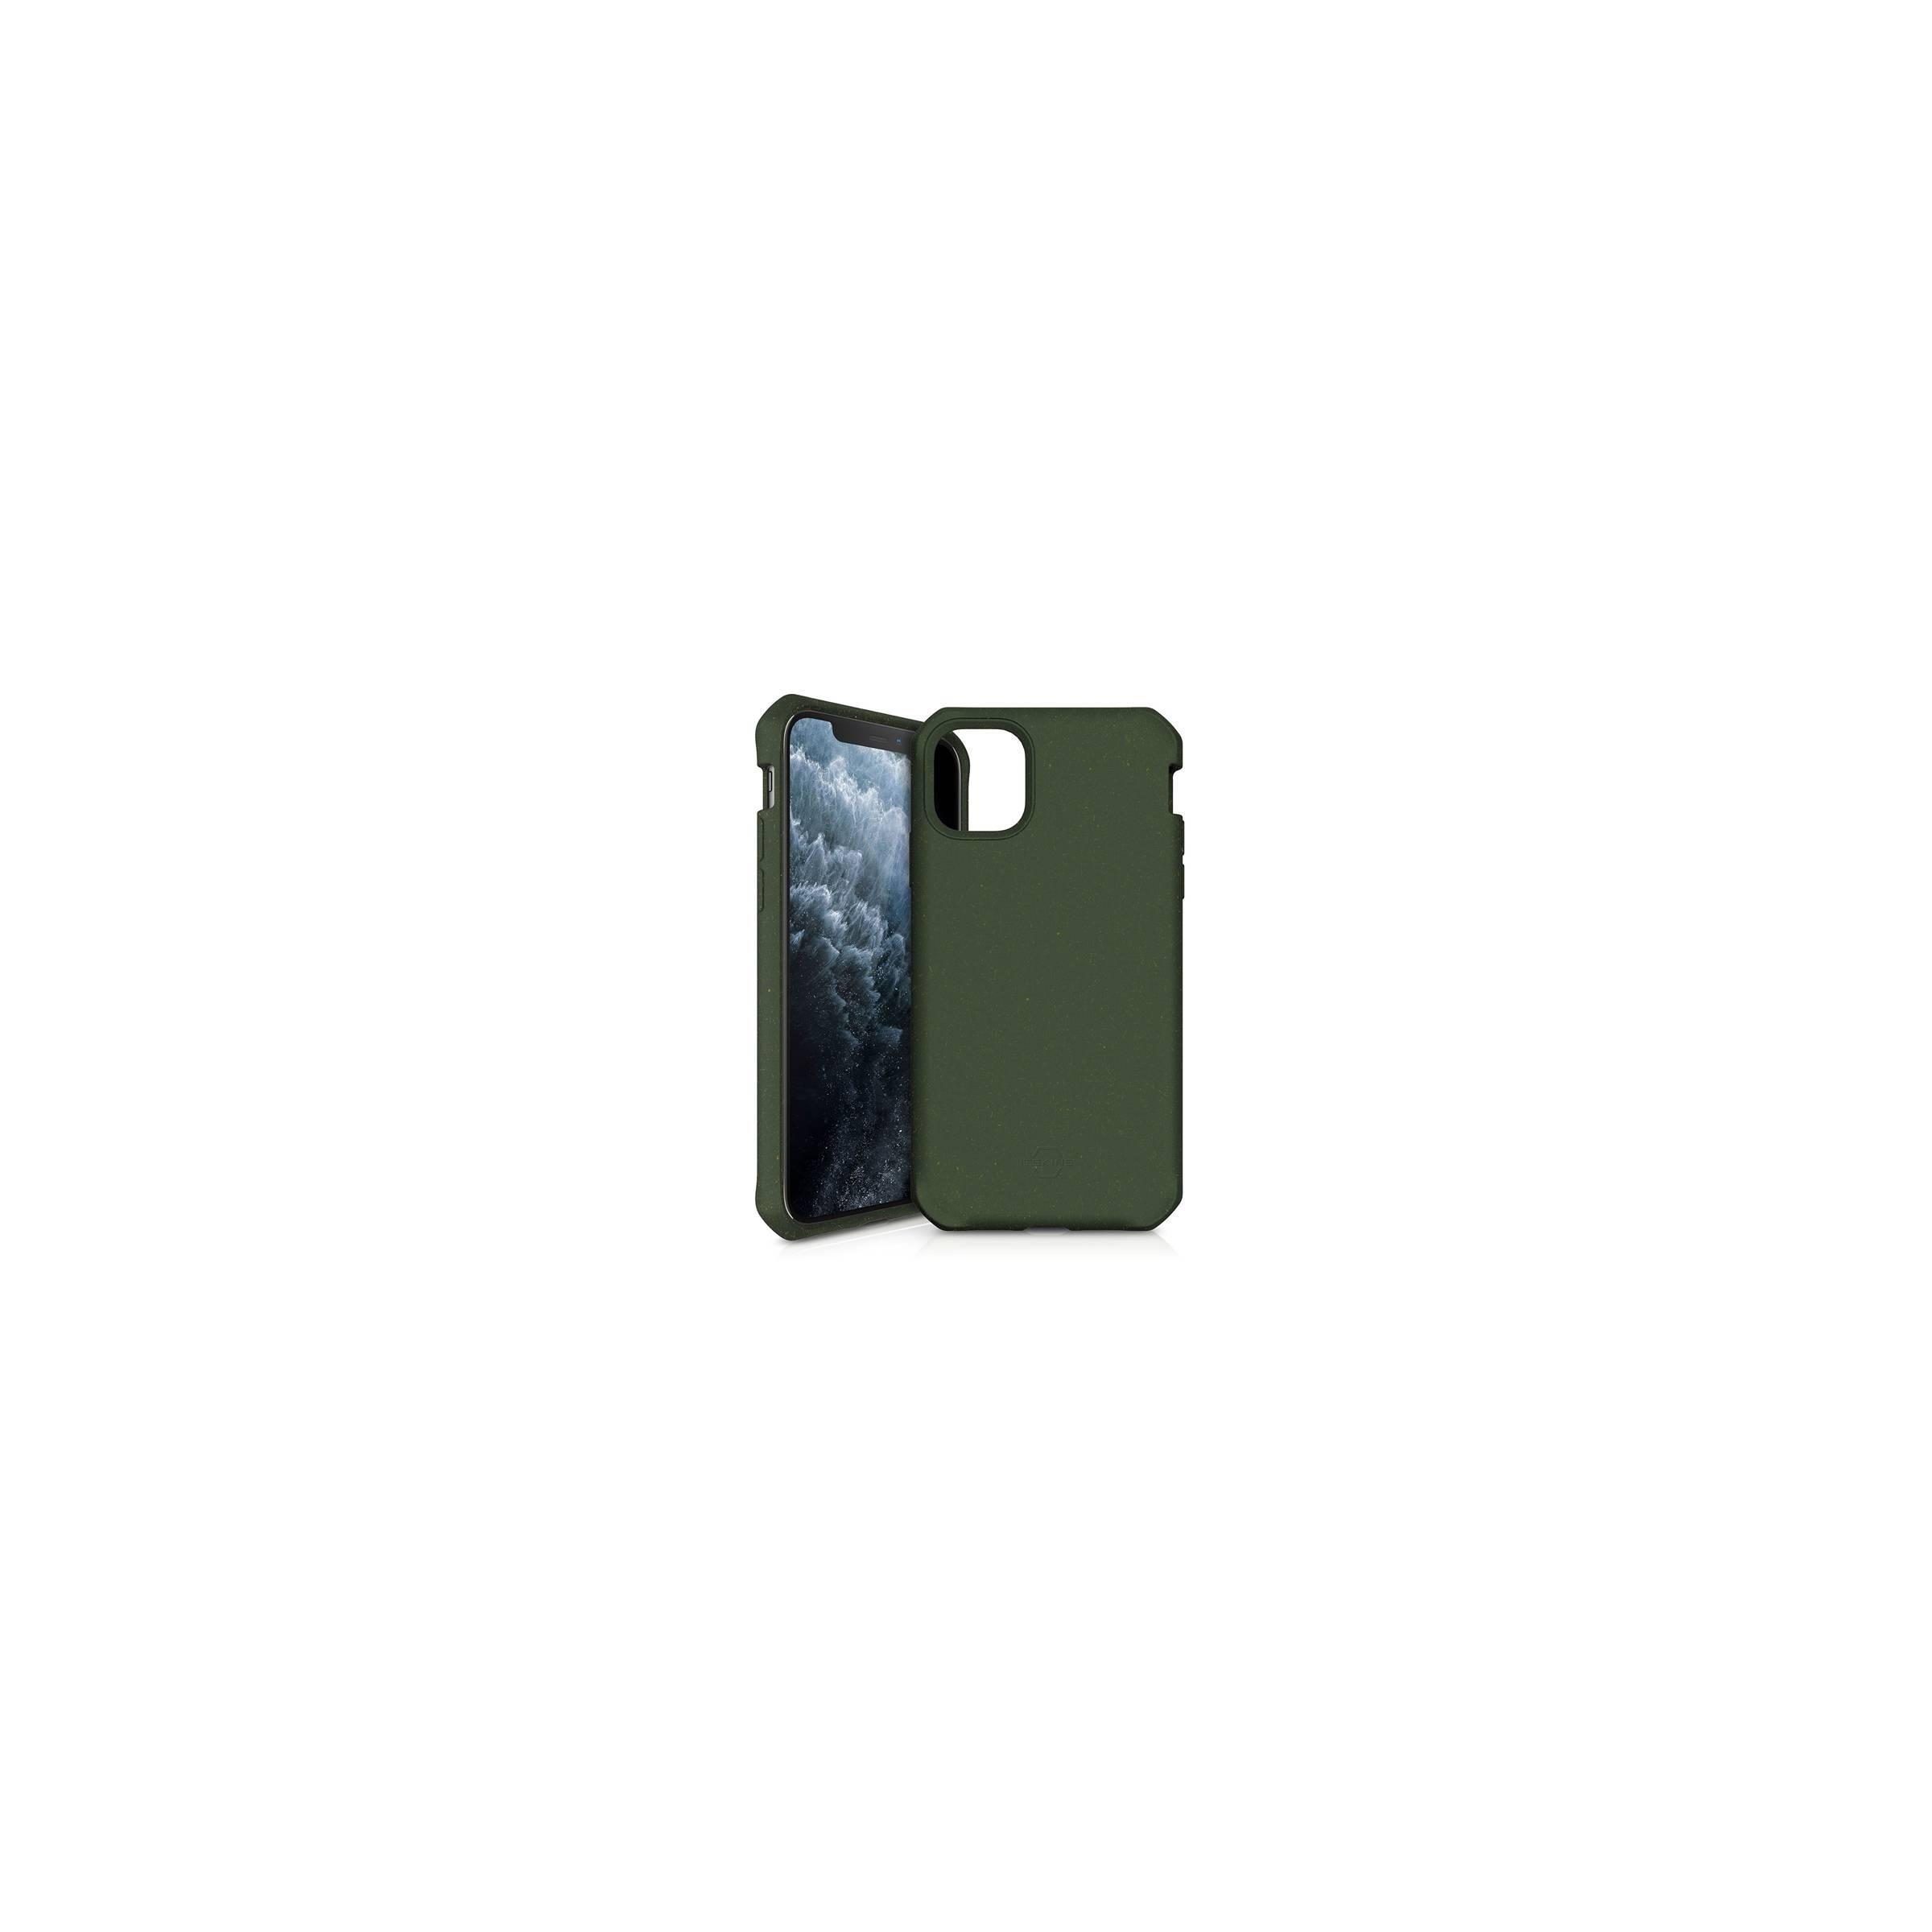 itskins – Feroniabio bionedbrydeligt iphone 11 pro max cover fra itskins fra mackabler.dk